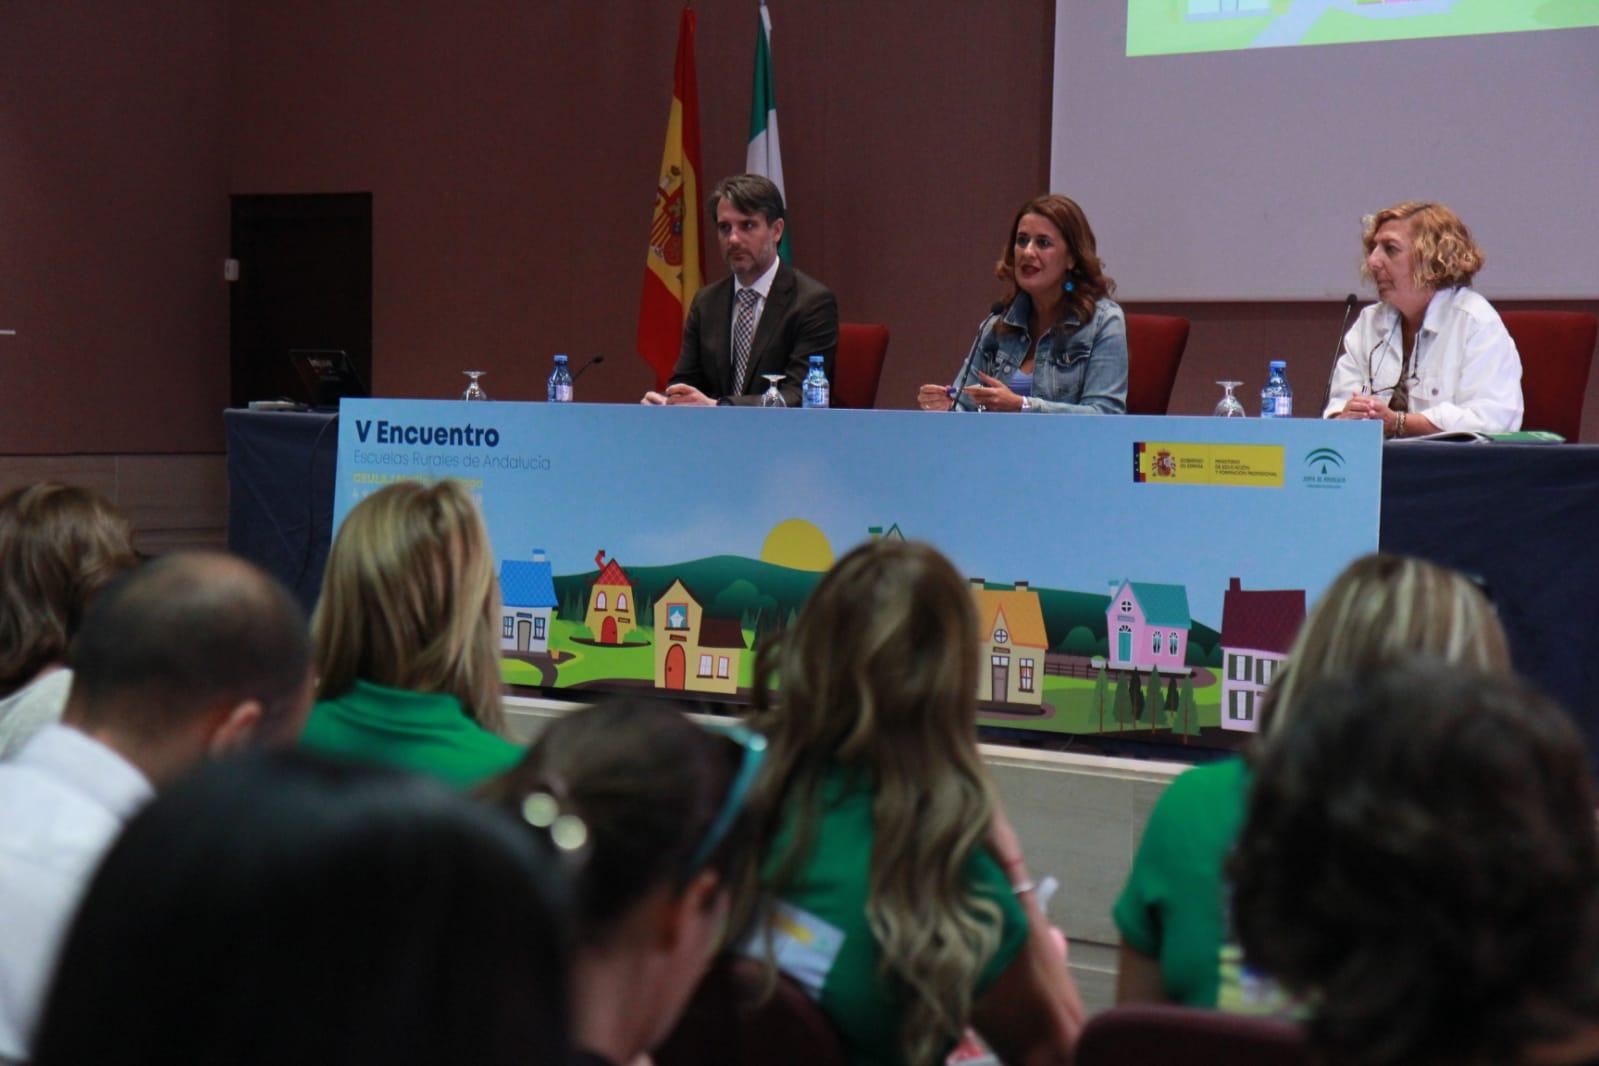 La consejera en el V Encuentro de Escuelas Rurales en Andalucía.